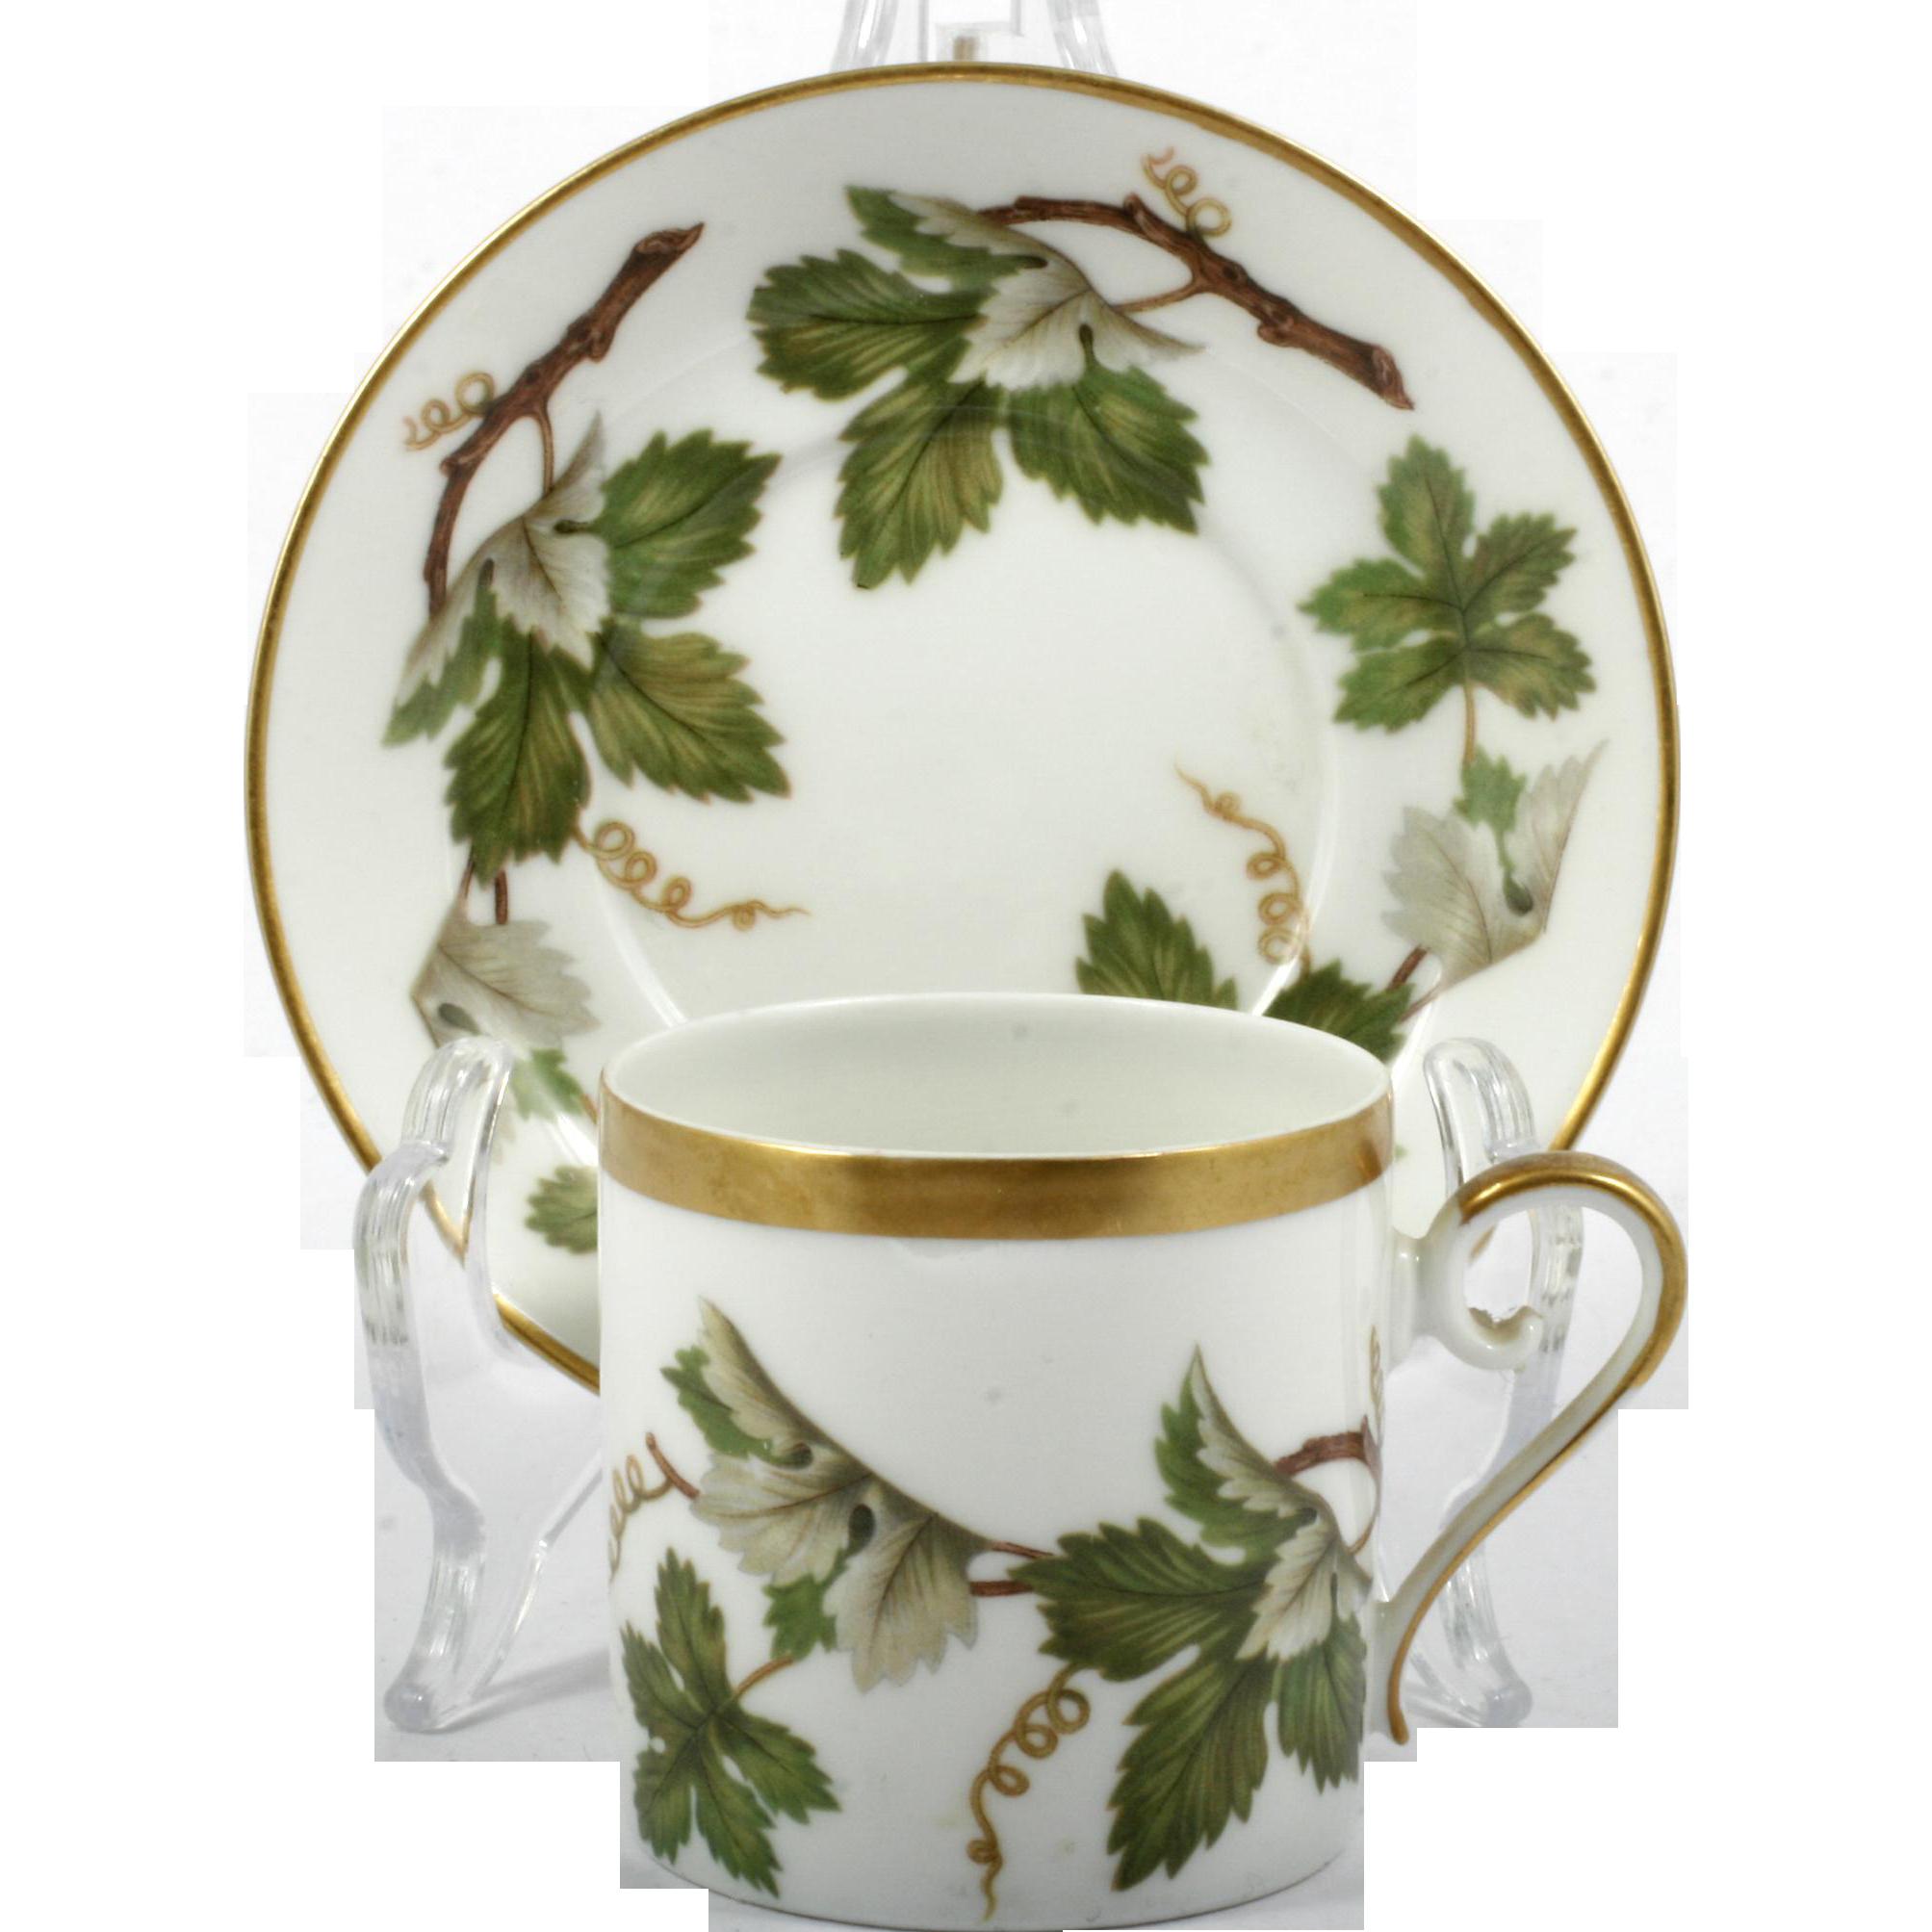 Hackefors Demitasse Cup and Saucer Swedish Porcelain Vintage Grape Leaf and Vine